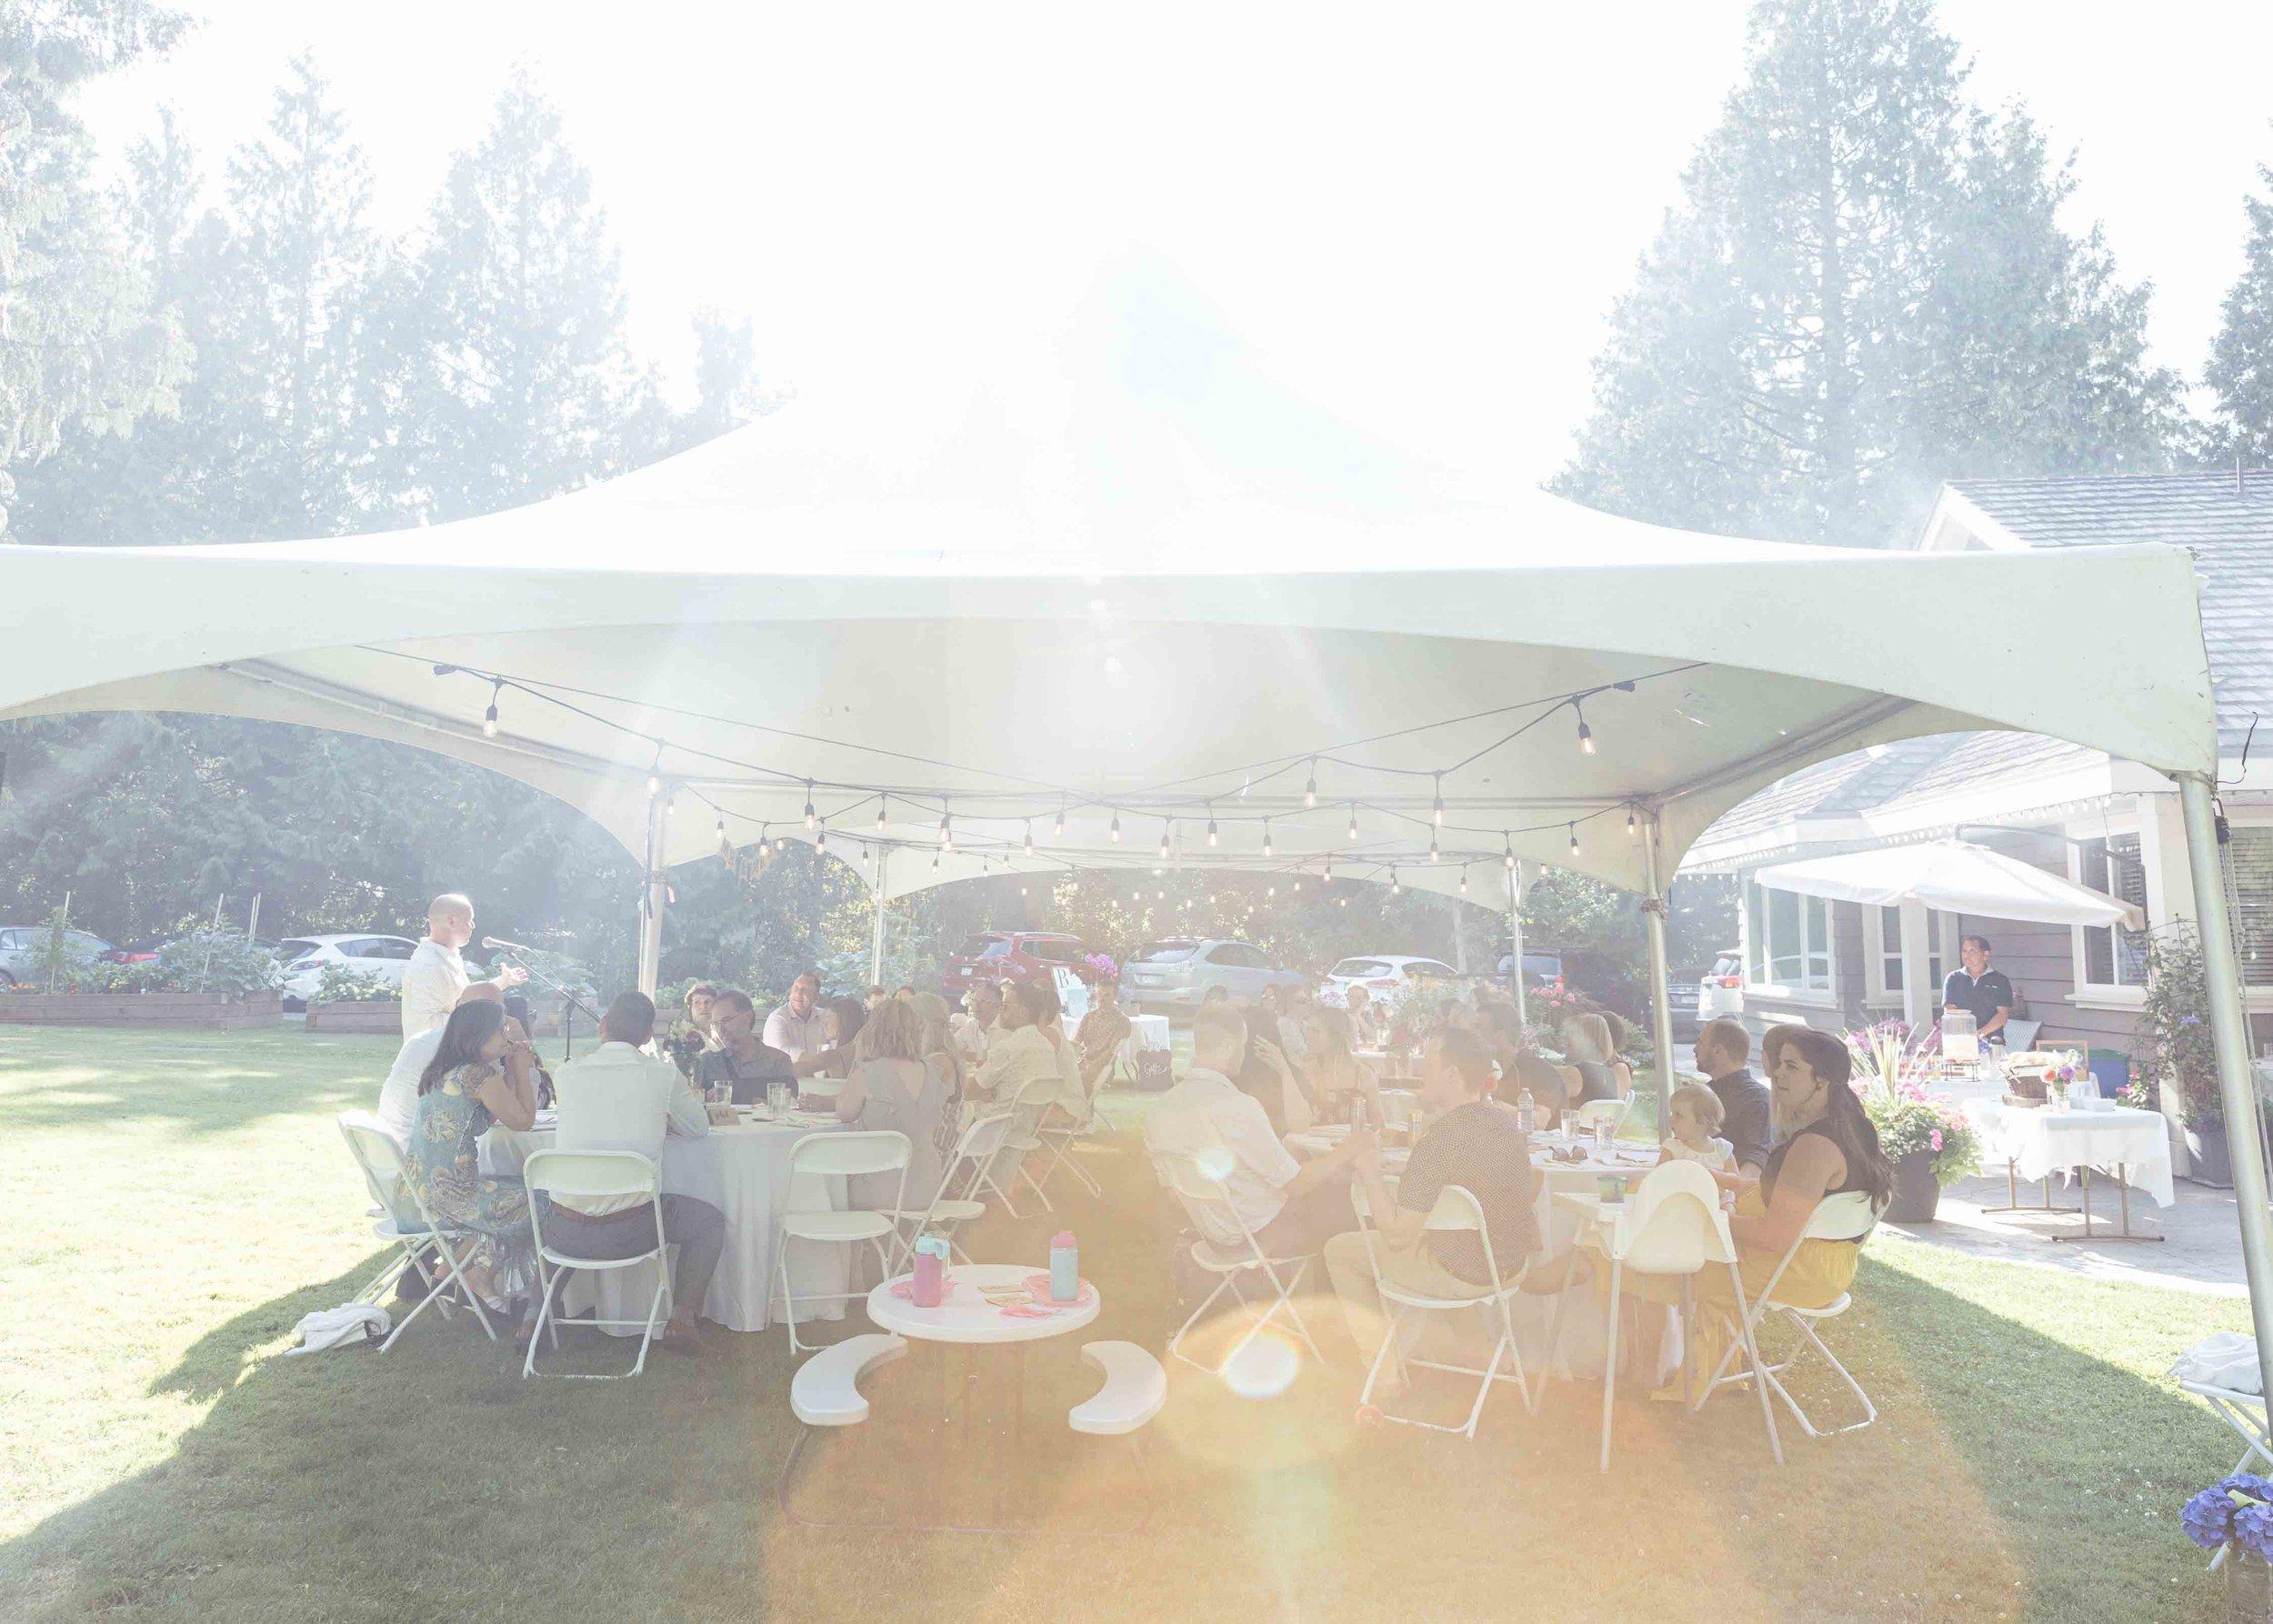 carla_darren_wedding_sophia_hsin_photography-264.jpg